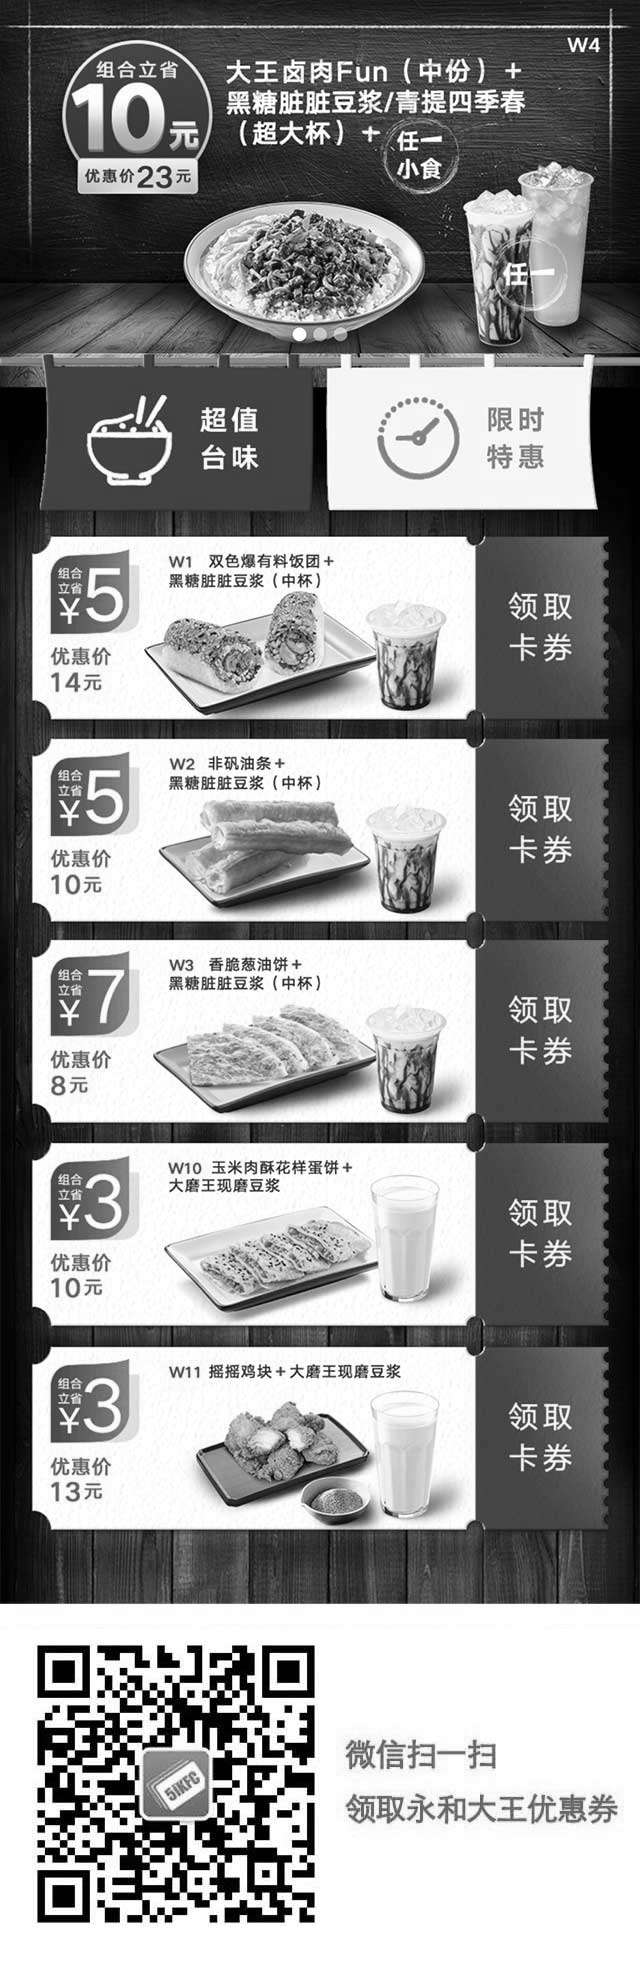 黑白优惠券图片:永和大王豆浆套餐优惠券2019年4月5月超值台味卡券领取 - www.5ikfc.com